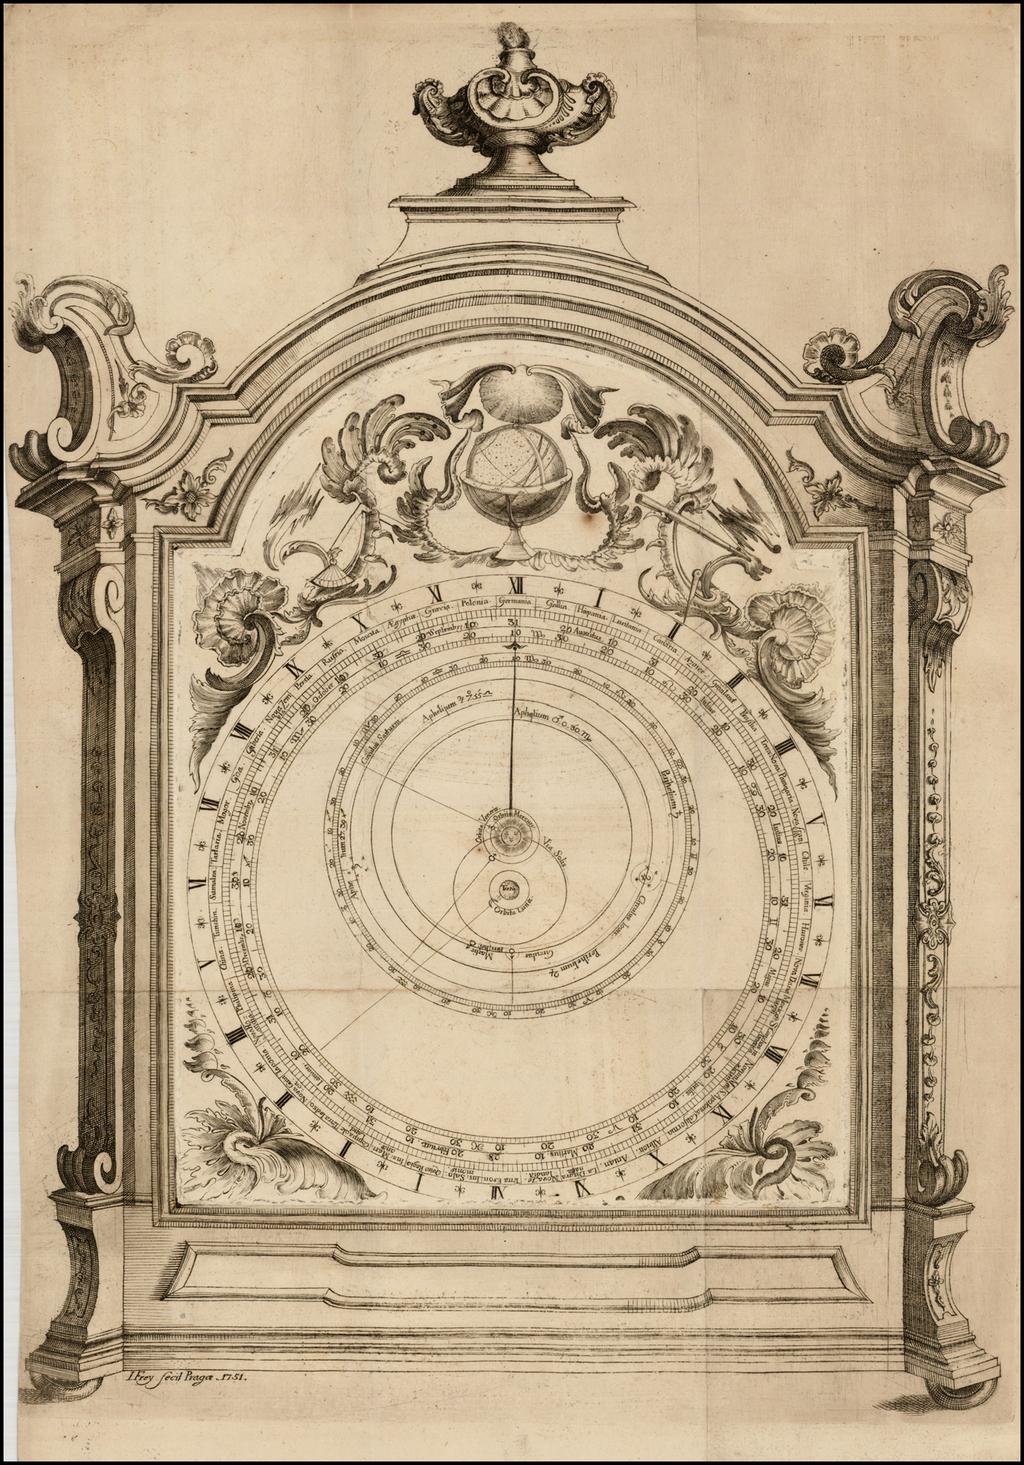 [Tycho Brahe Celestial Model & Time Clock] By Ignaz Frey